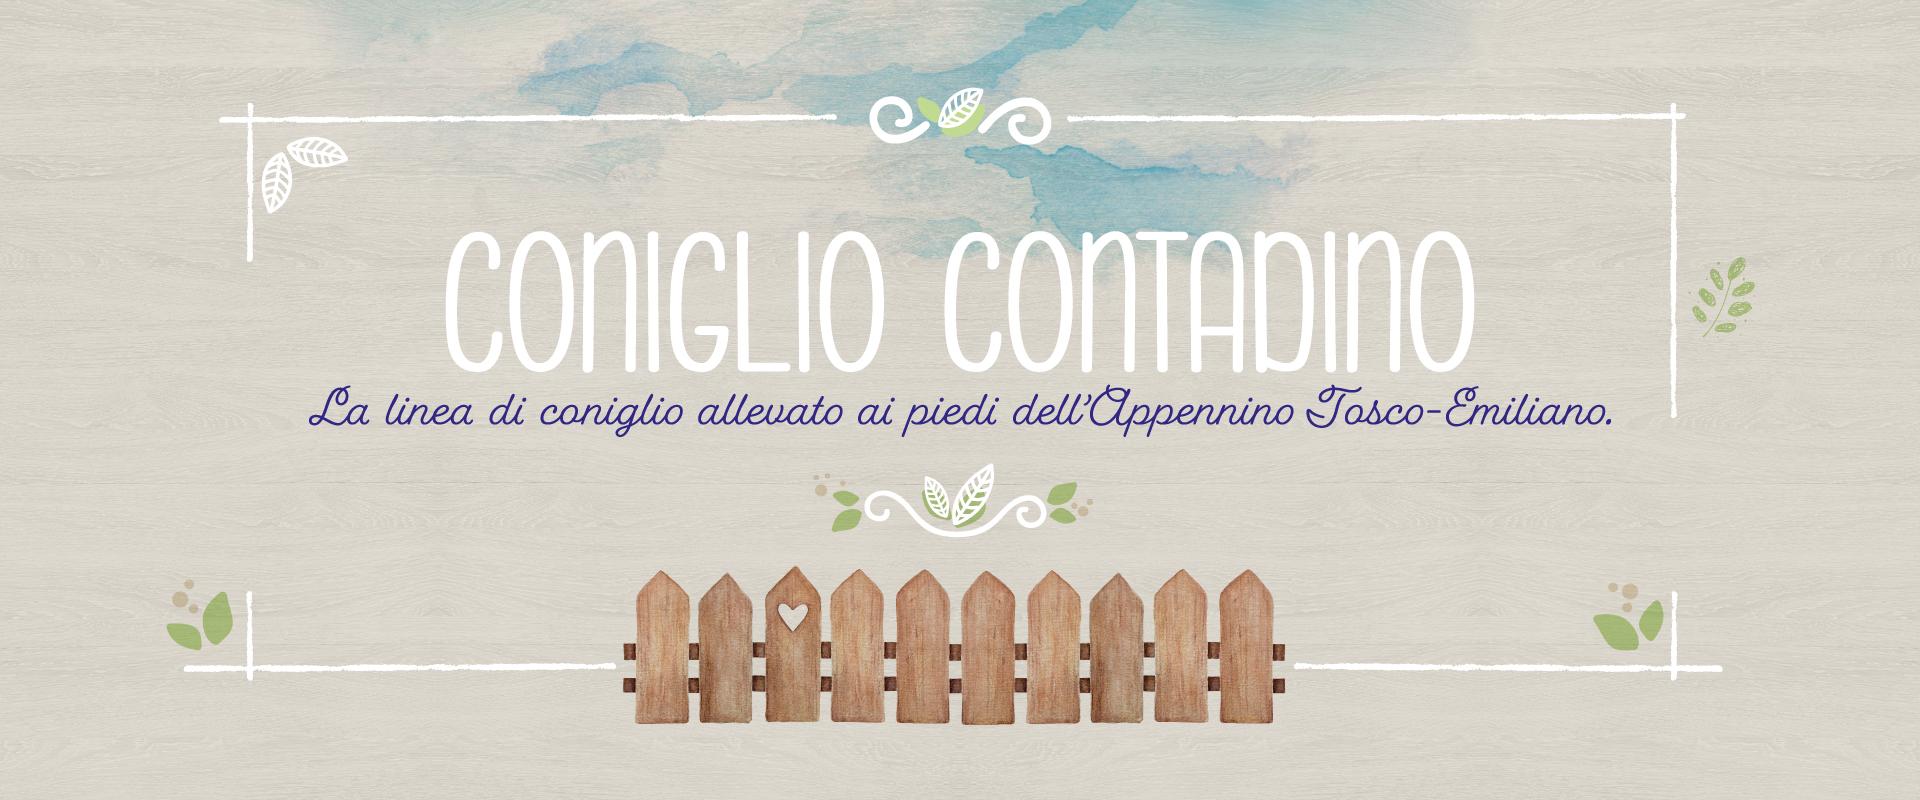 CONIGLIO CONTADINO